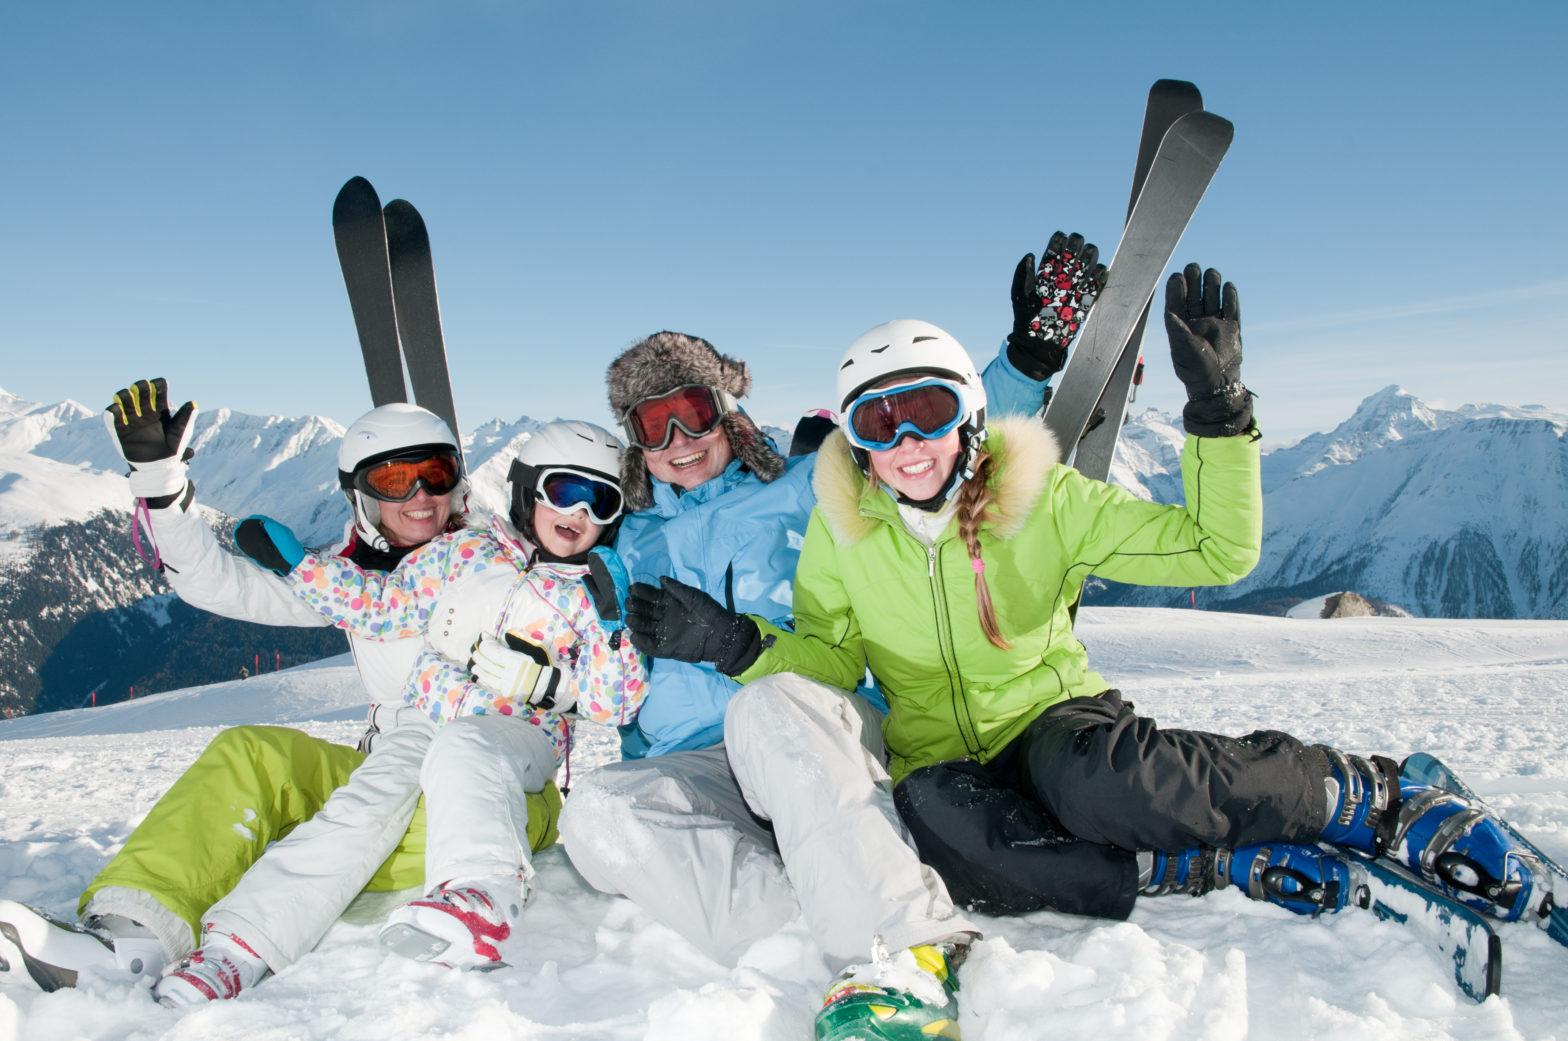 Für ein unfallfreies Ski- und Snowboardvergnügen